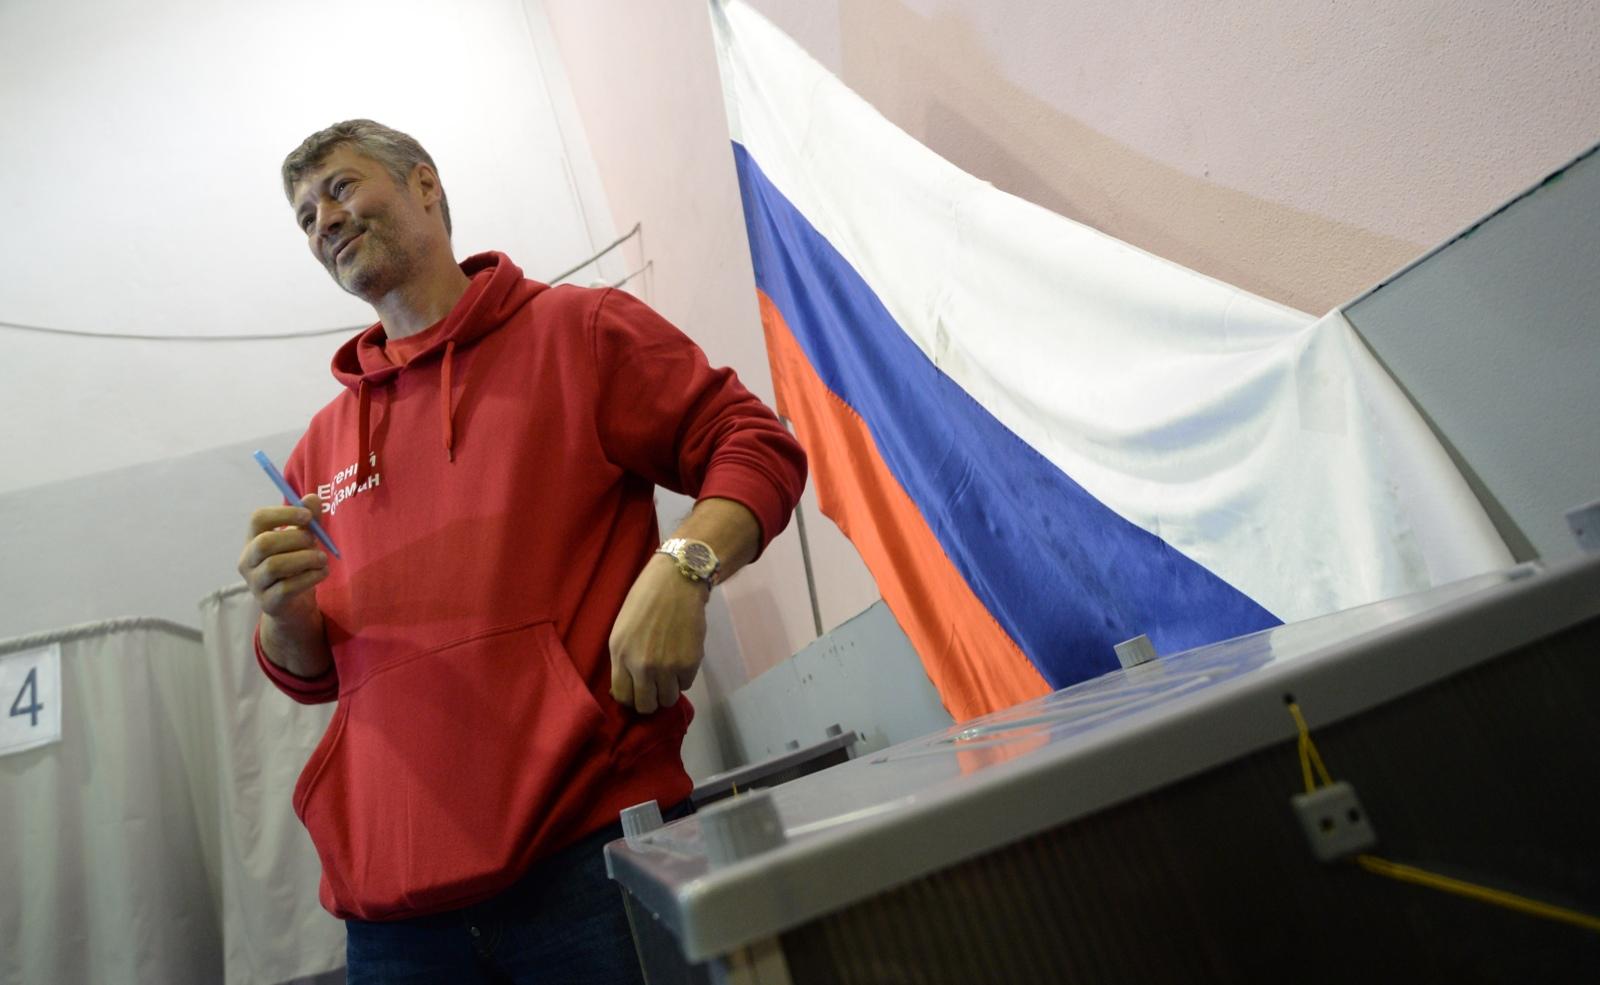 Итоги выборов. Евгений Ройзман — новый мэр Екатеринбурга